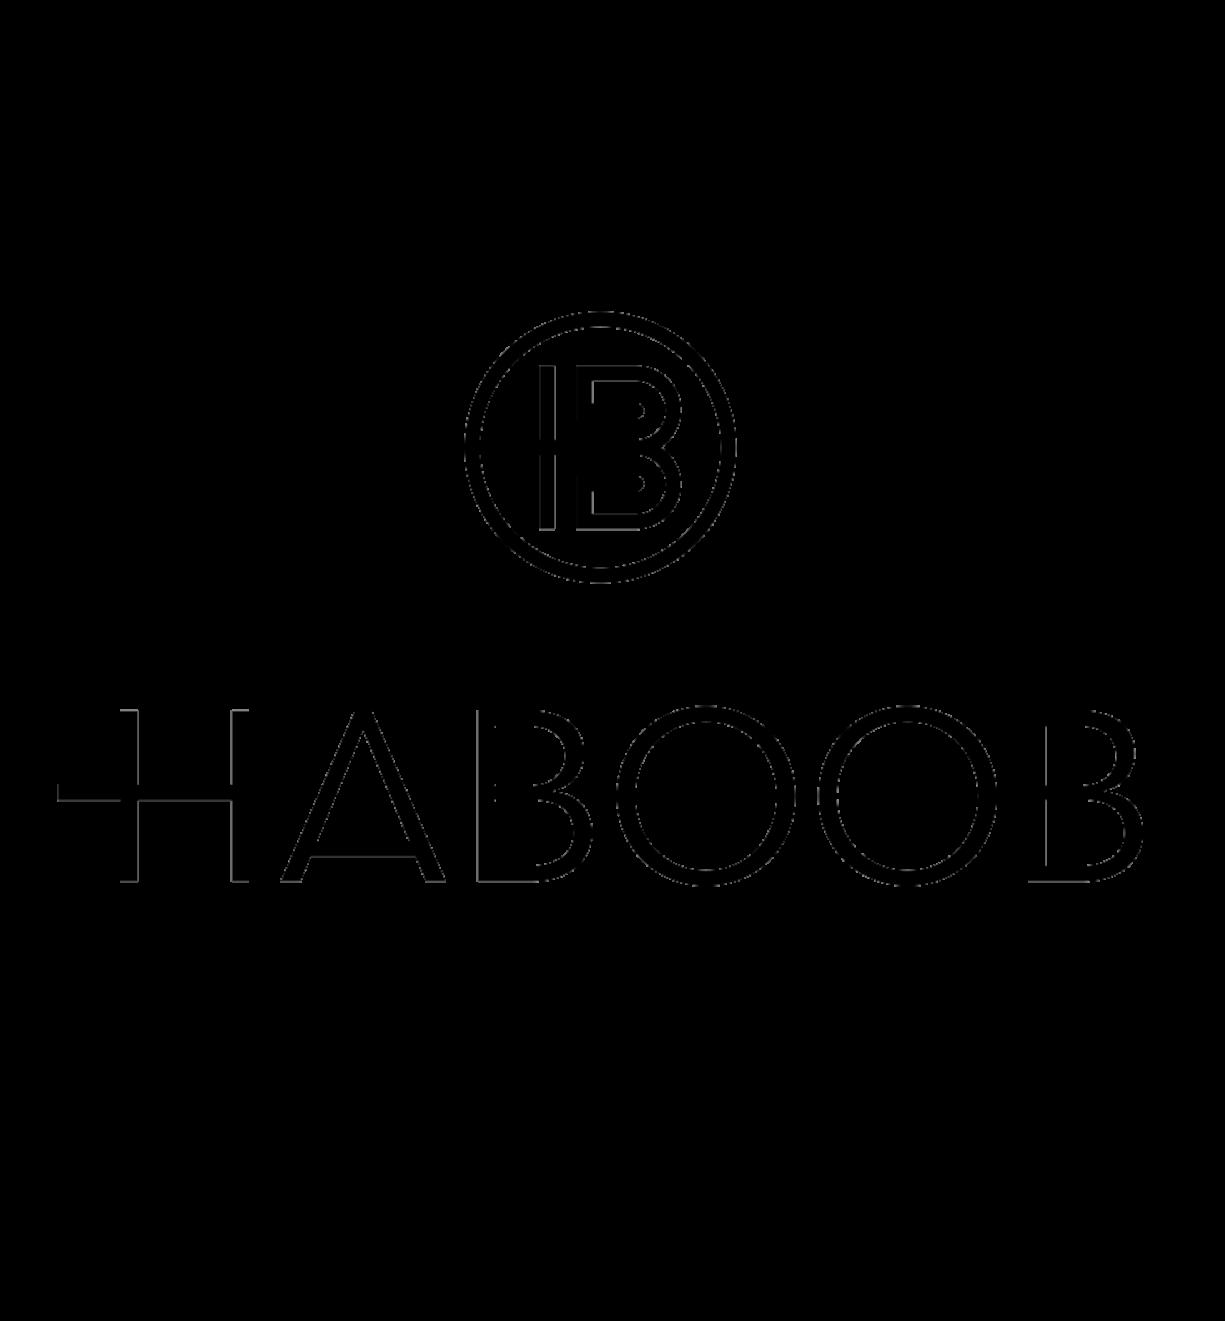 haboob-box